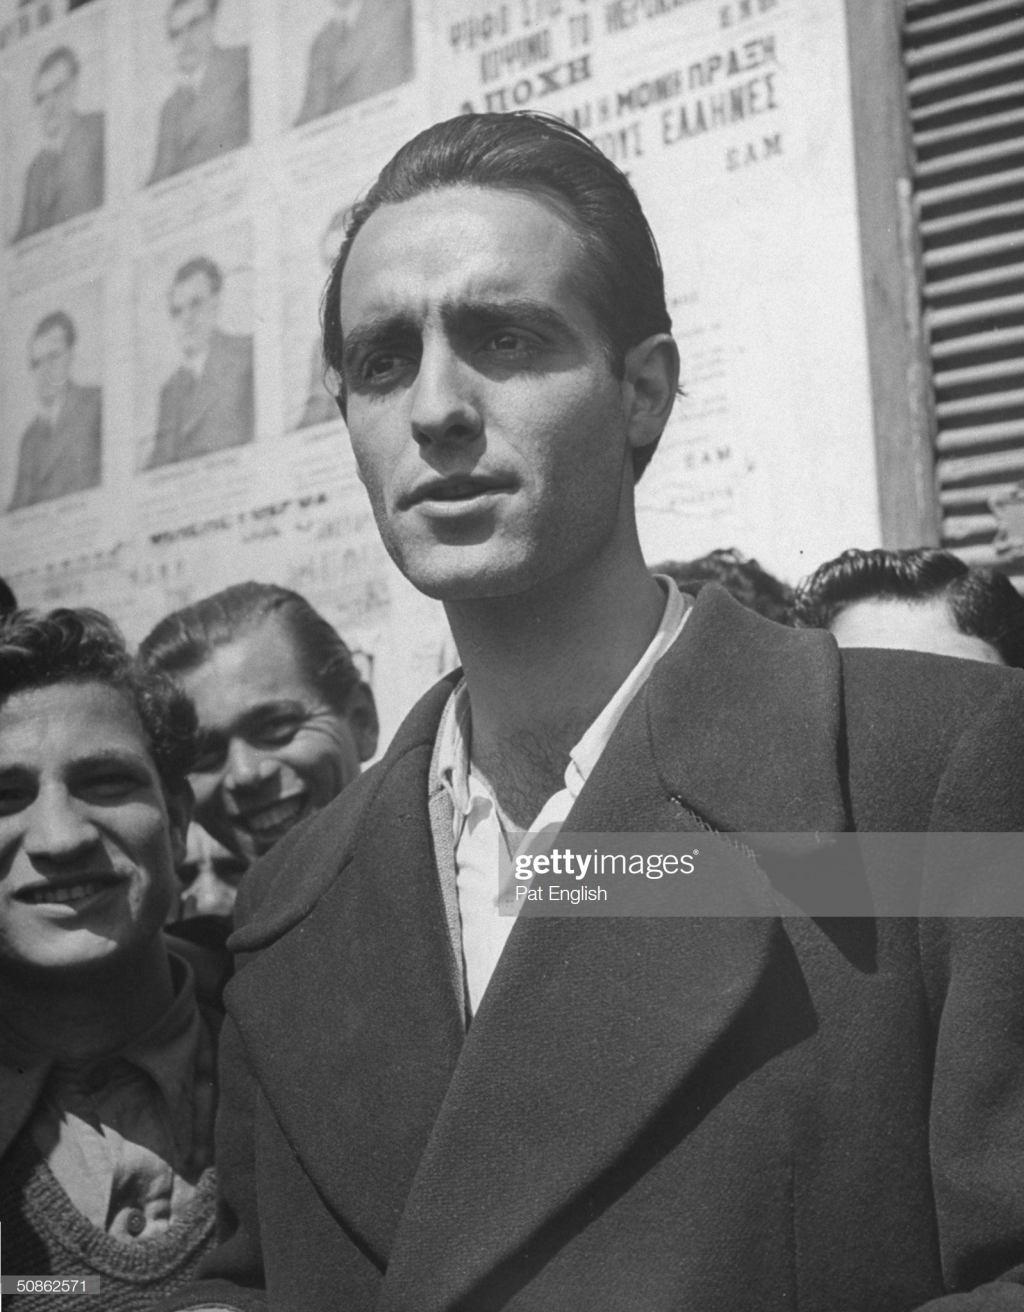 Ο Μιχάλης Νικολινάκος στις εκλογές του 1946, περιμένει να ψηφίσει